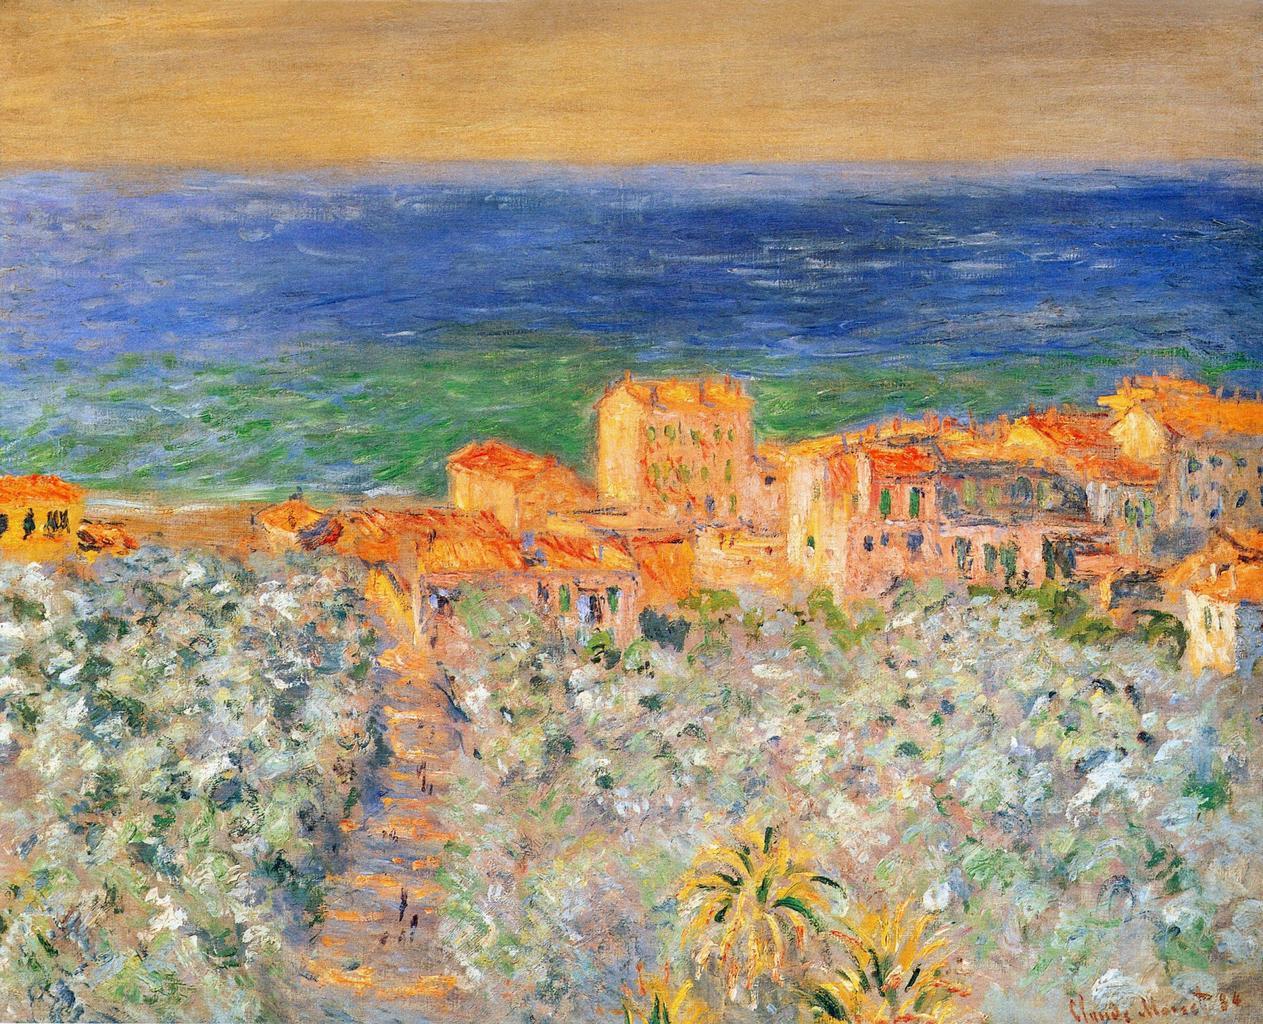 южные пейзажи < Прибрежное поселение в Бордигере >:: Клод Моне, описание картины - Claude Monet фото